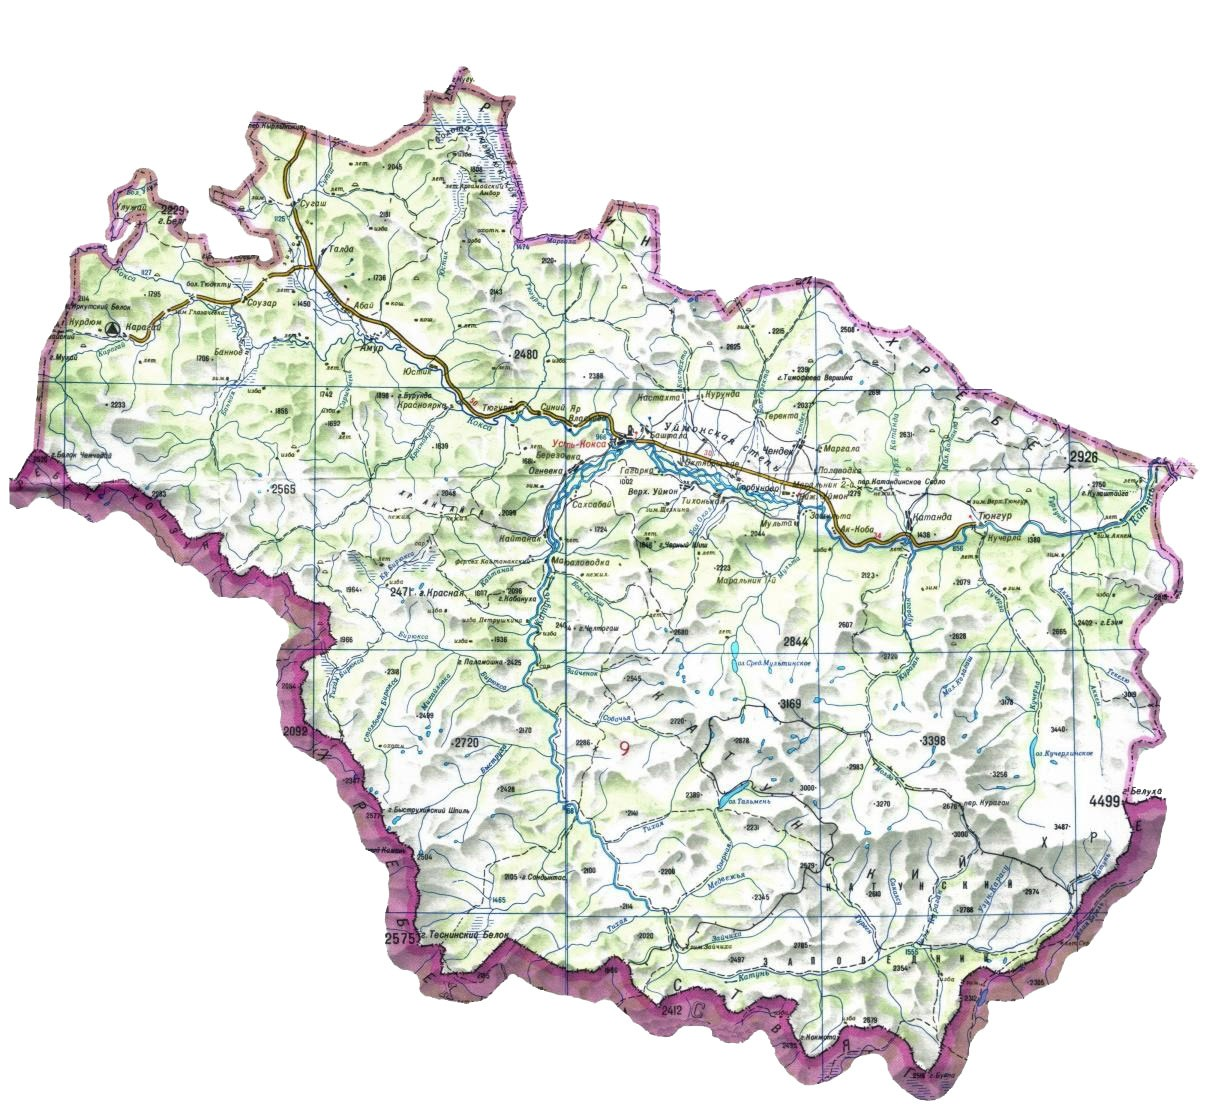 Карта Усть-Коксинского района Республики Алтай. Источник: электронный ресурс: https://www.vtourisme.com/images/stories/my05/r1_u-koksa.jpg Карта в свободном доступе, (дата обращения 27 сентября 2020 г.)